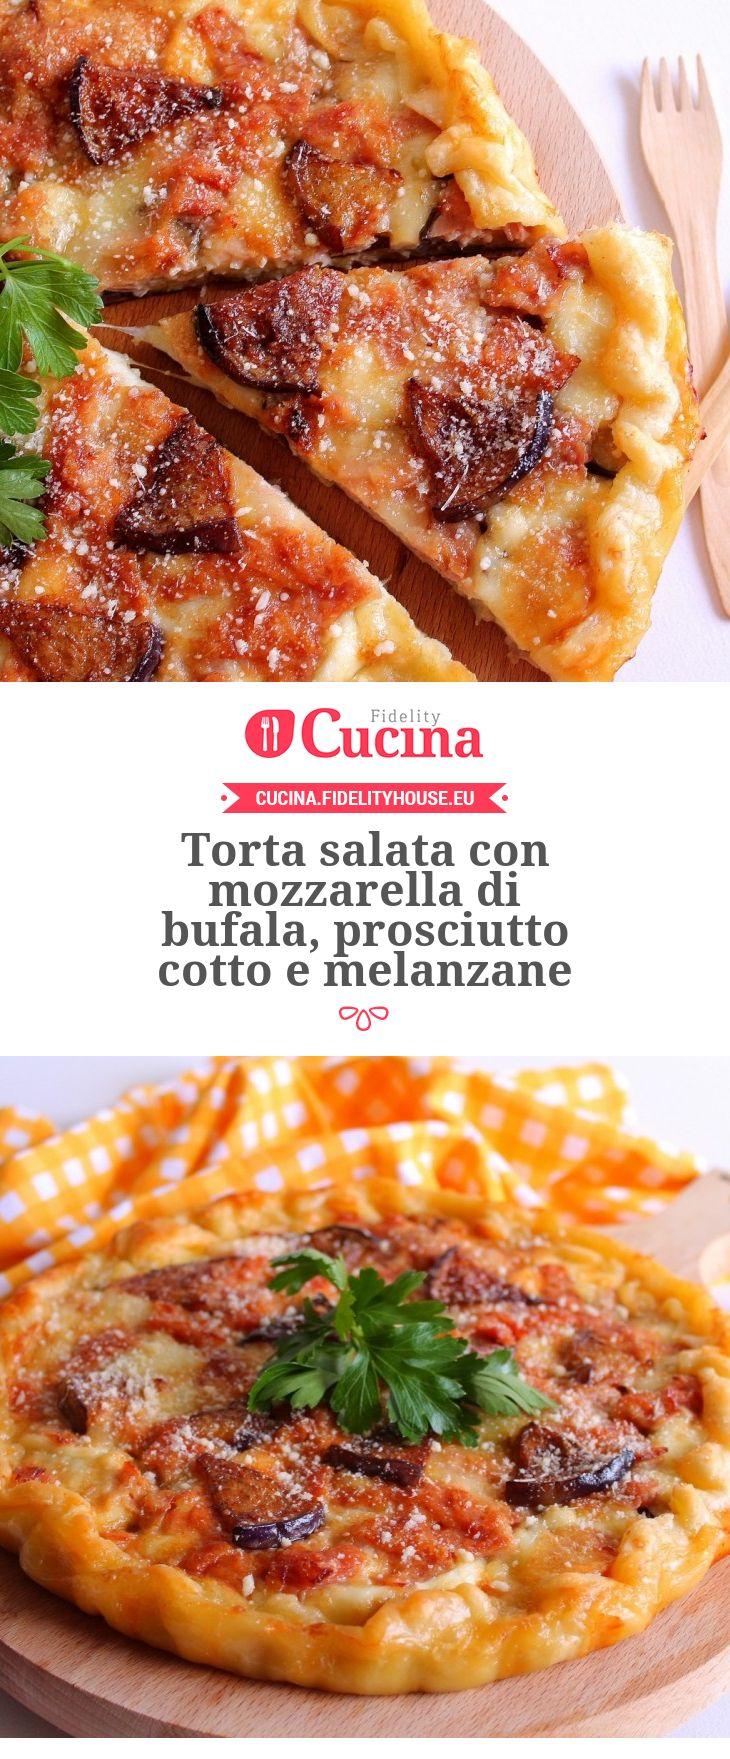 Torta salata con #mozzarella di bufala, #prosciutto cotto e #melanzane della nostra utente Giovanna. Unisciti alla nostra Community ed invia le tue ricette!